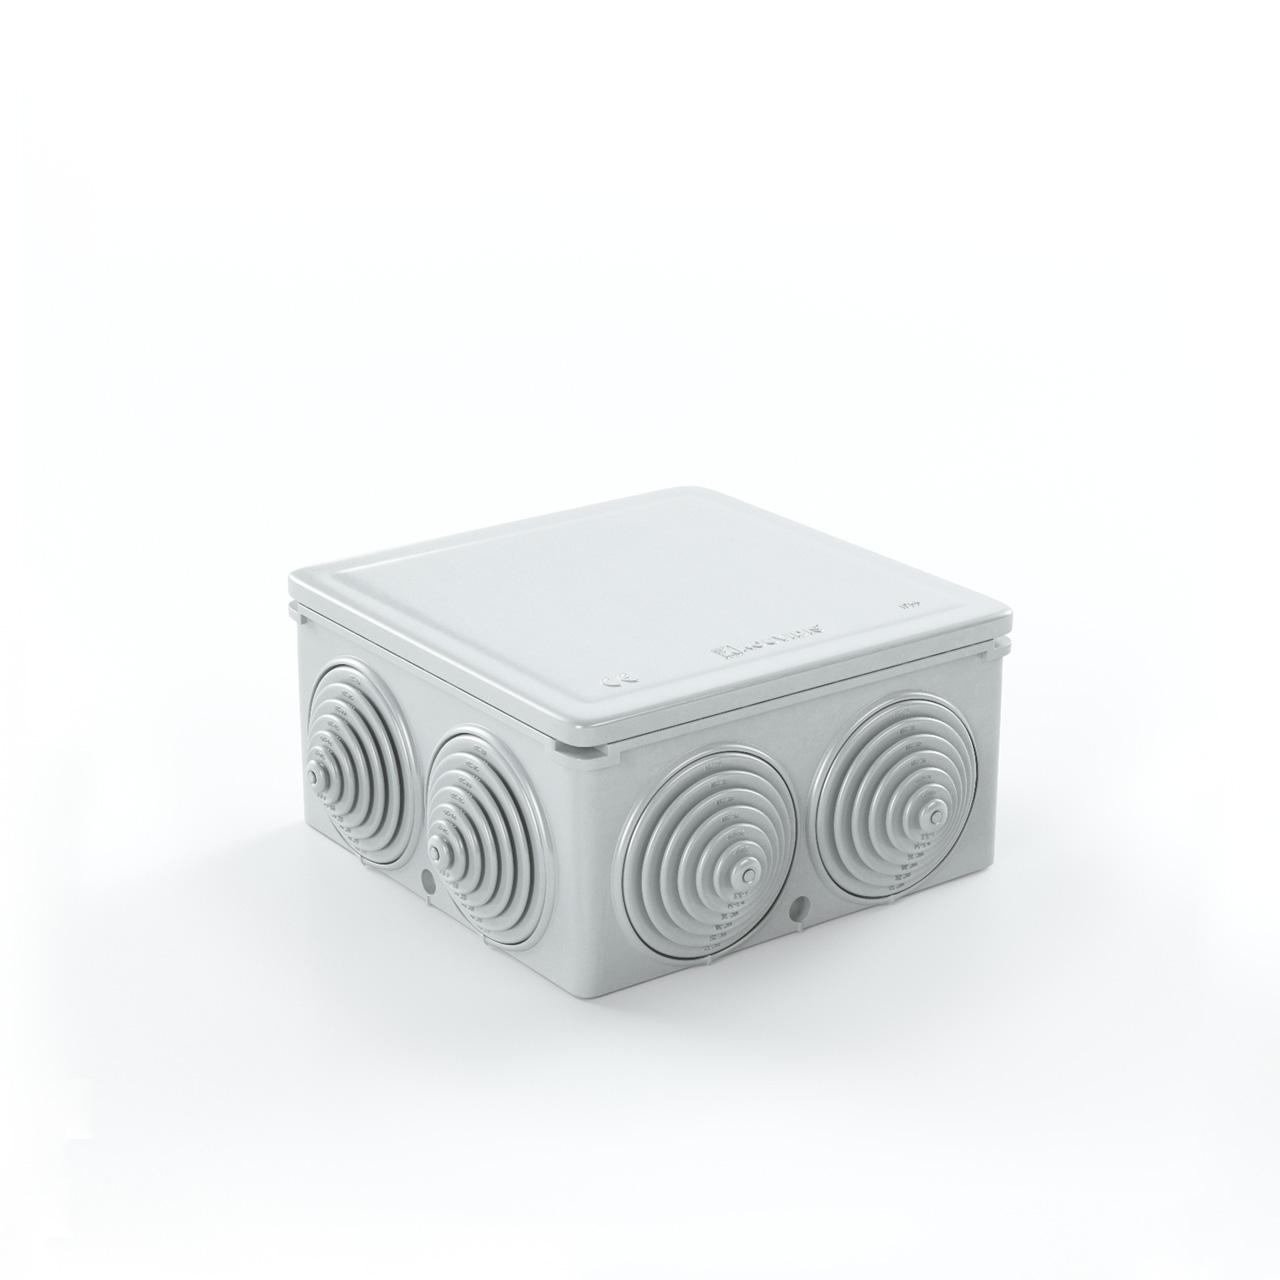 Στεγανό Τετράγωνο Κουτί Διακ/Σεως Condur Με Βαθμιδωτές Τάπες Φ20/16